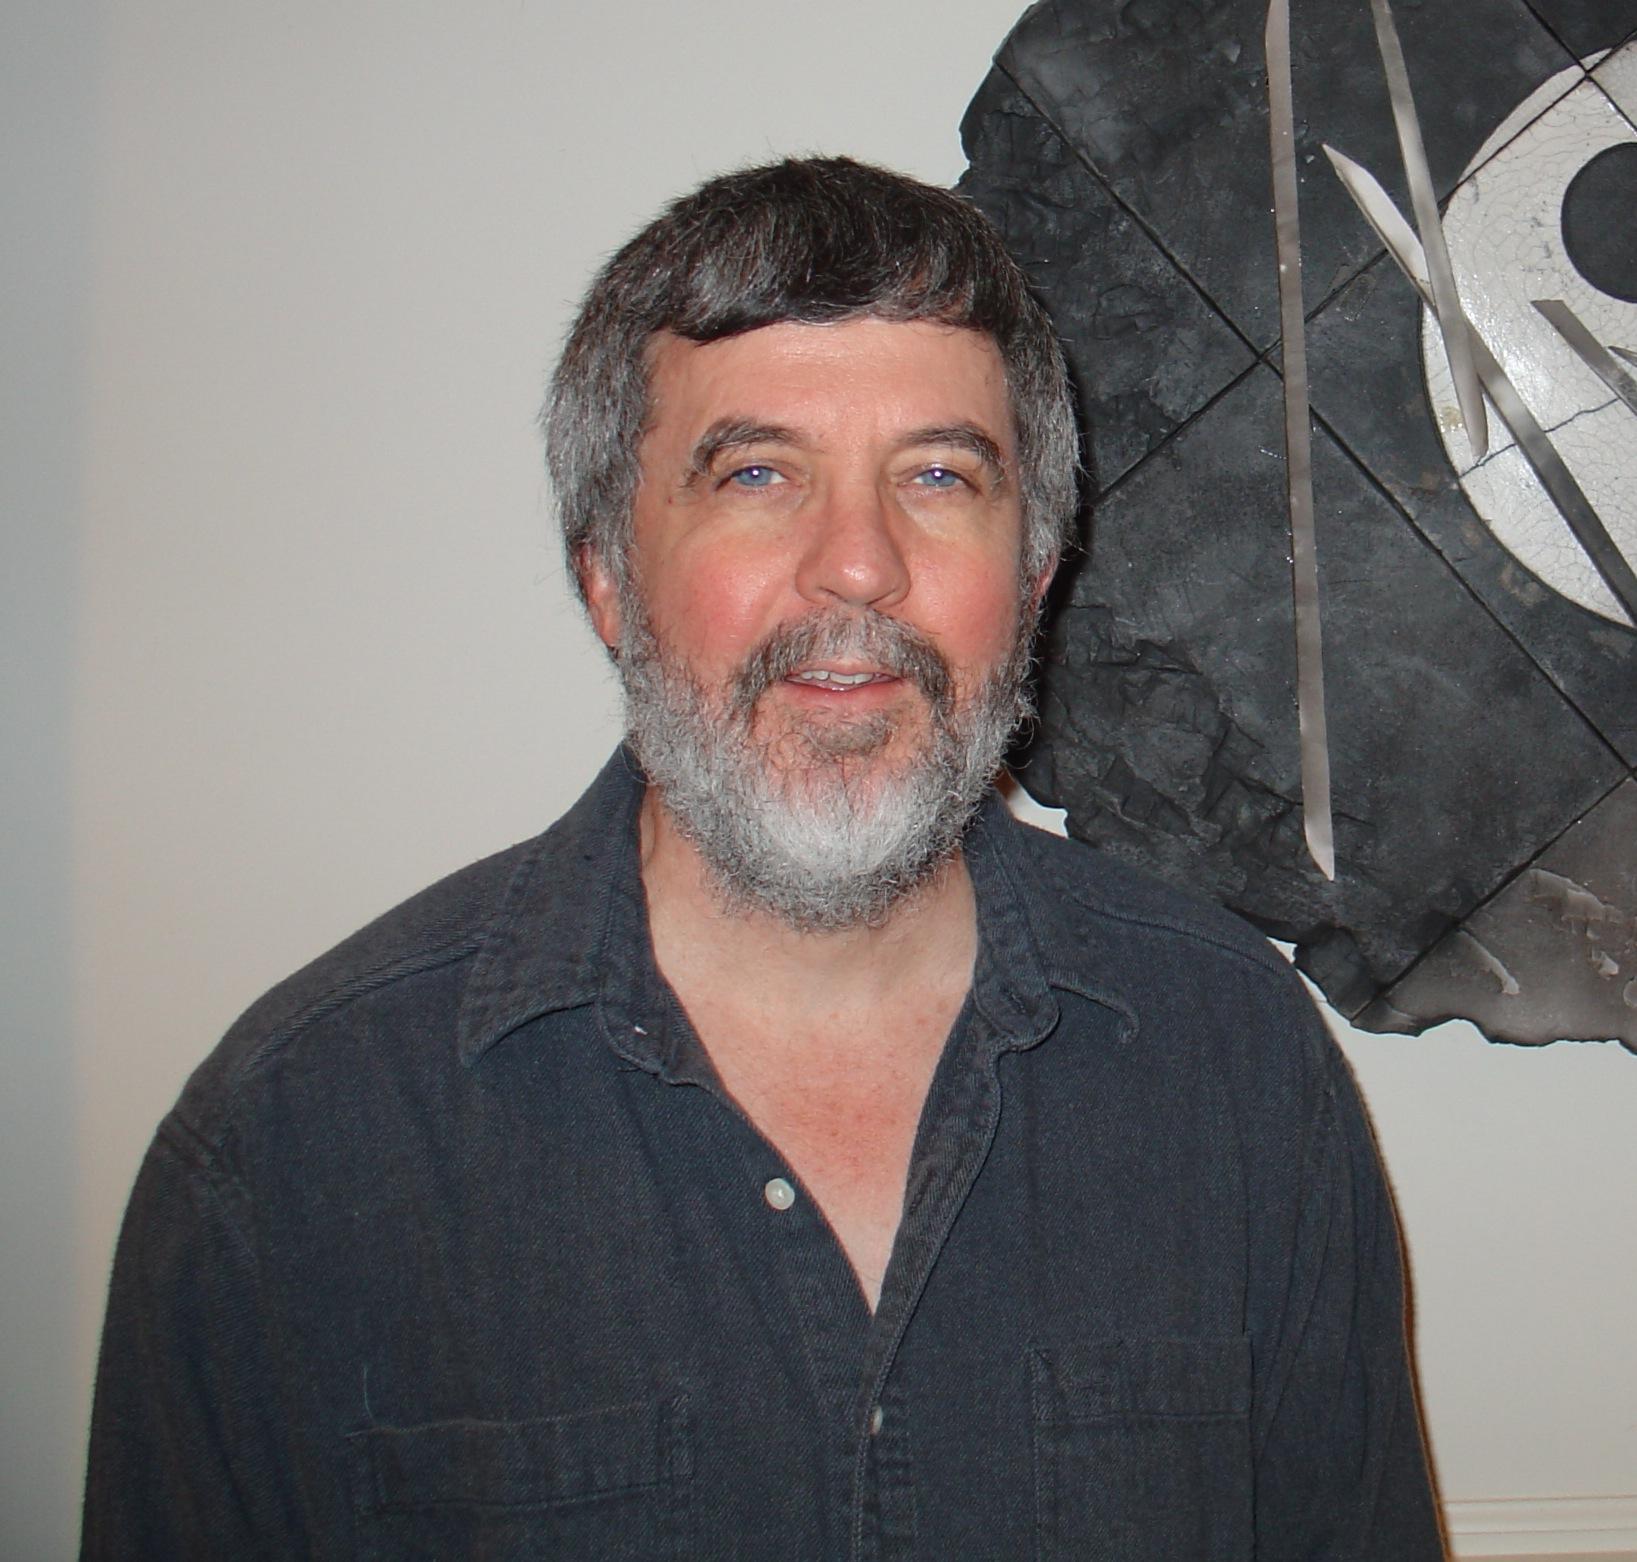 Paul Mahaffy